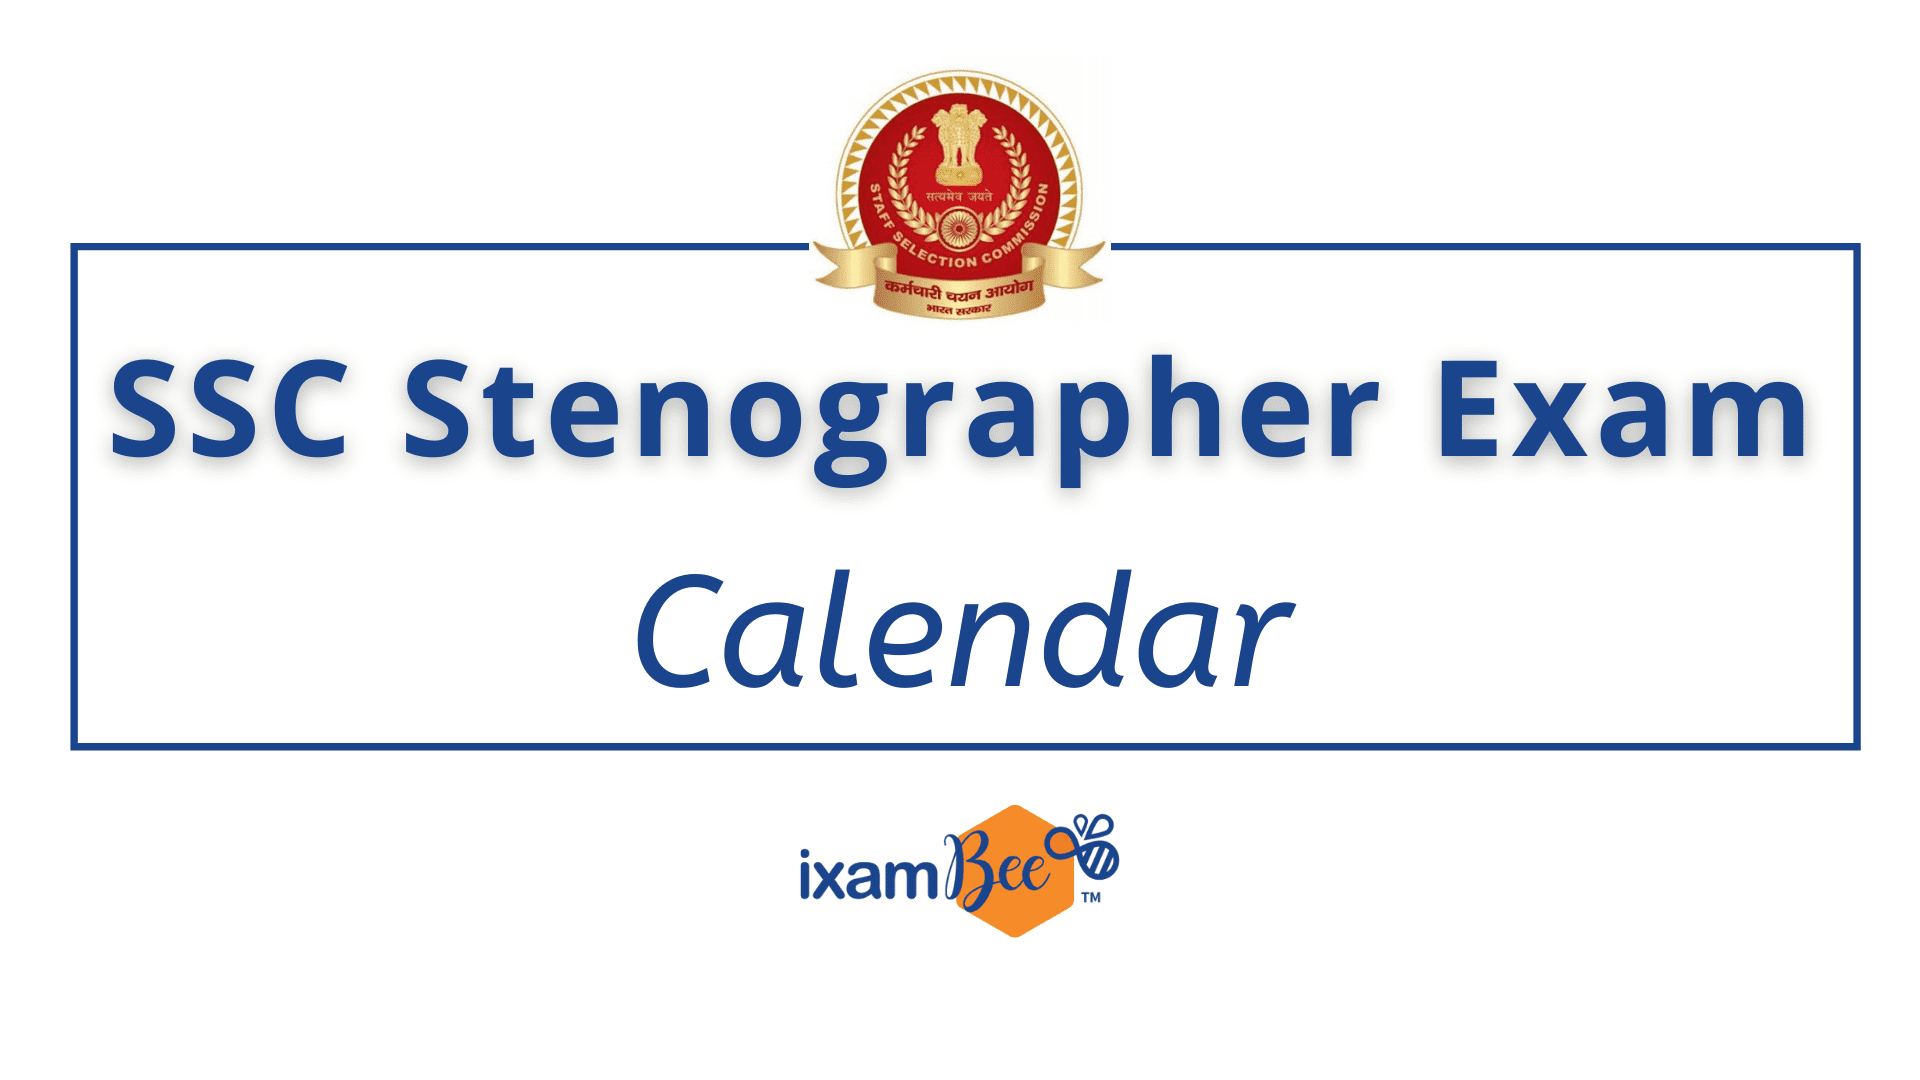 SSC-Stenographer-Exam-Calendar